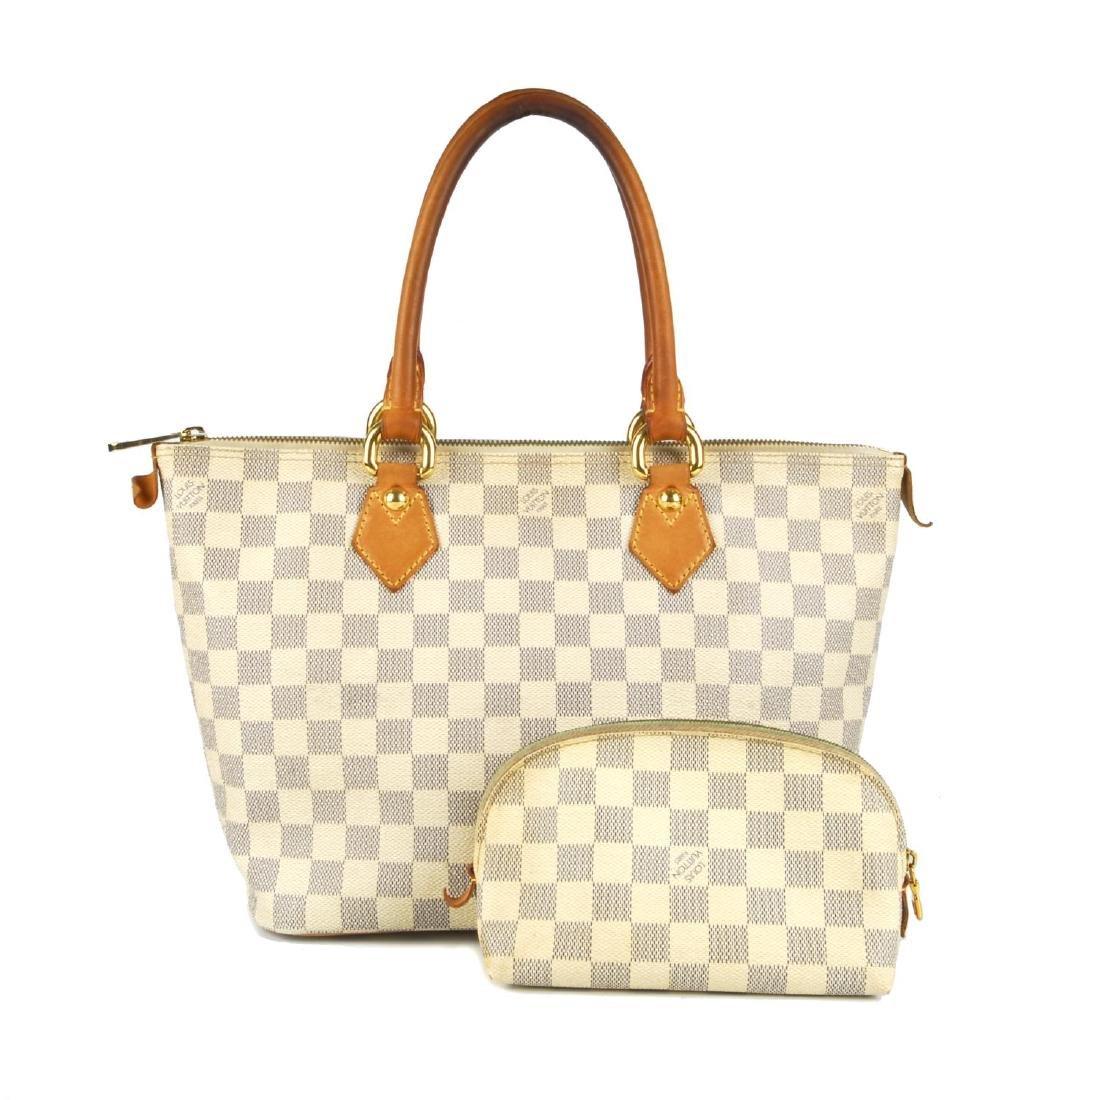 LOUIS VUITTON - a Damier Azur Saleya handbag and a